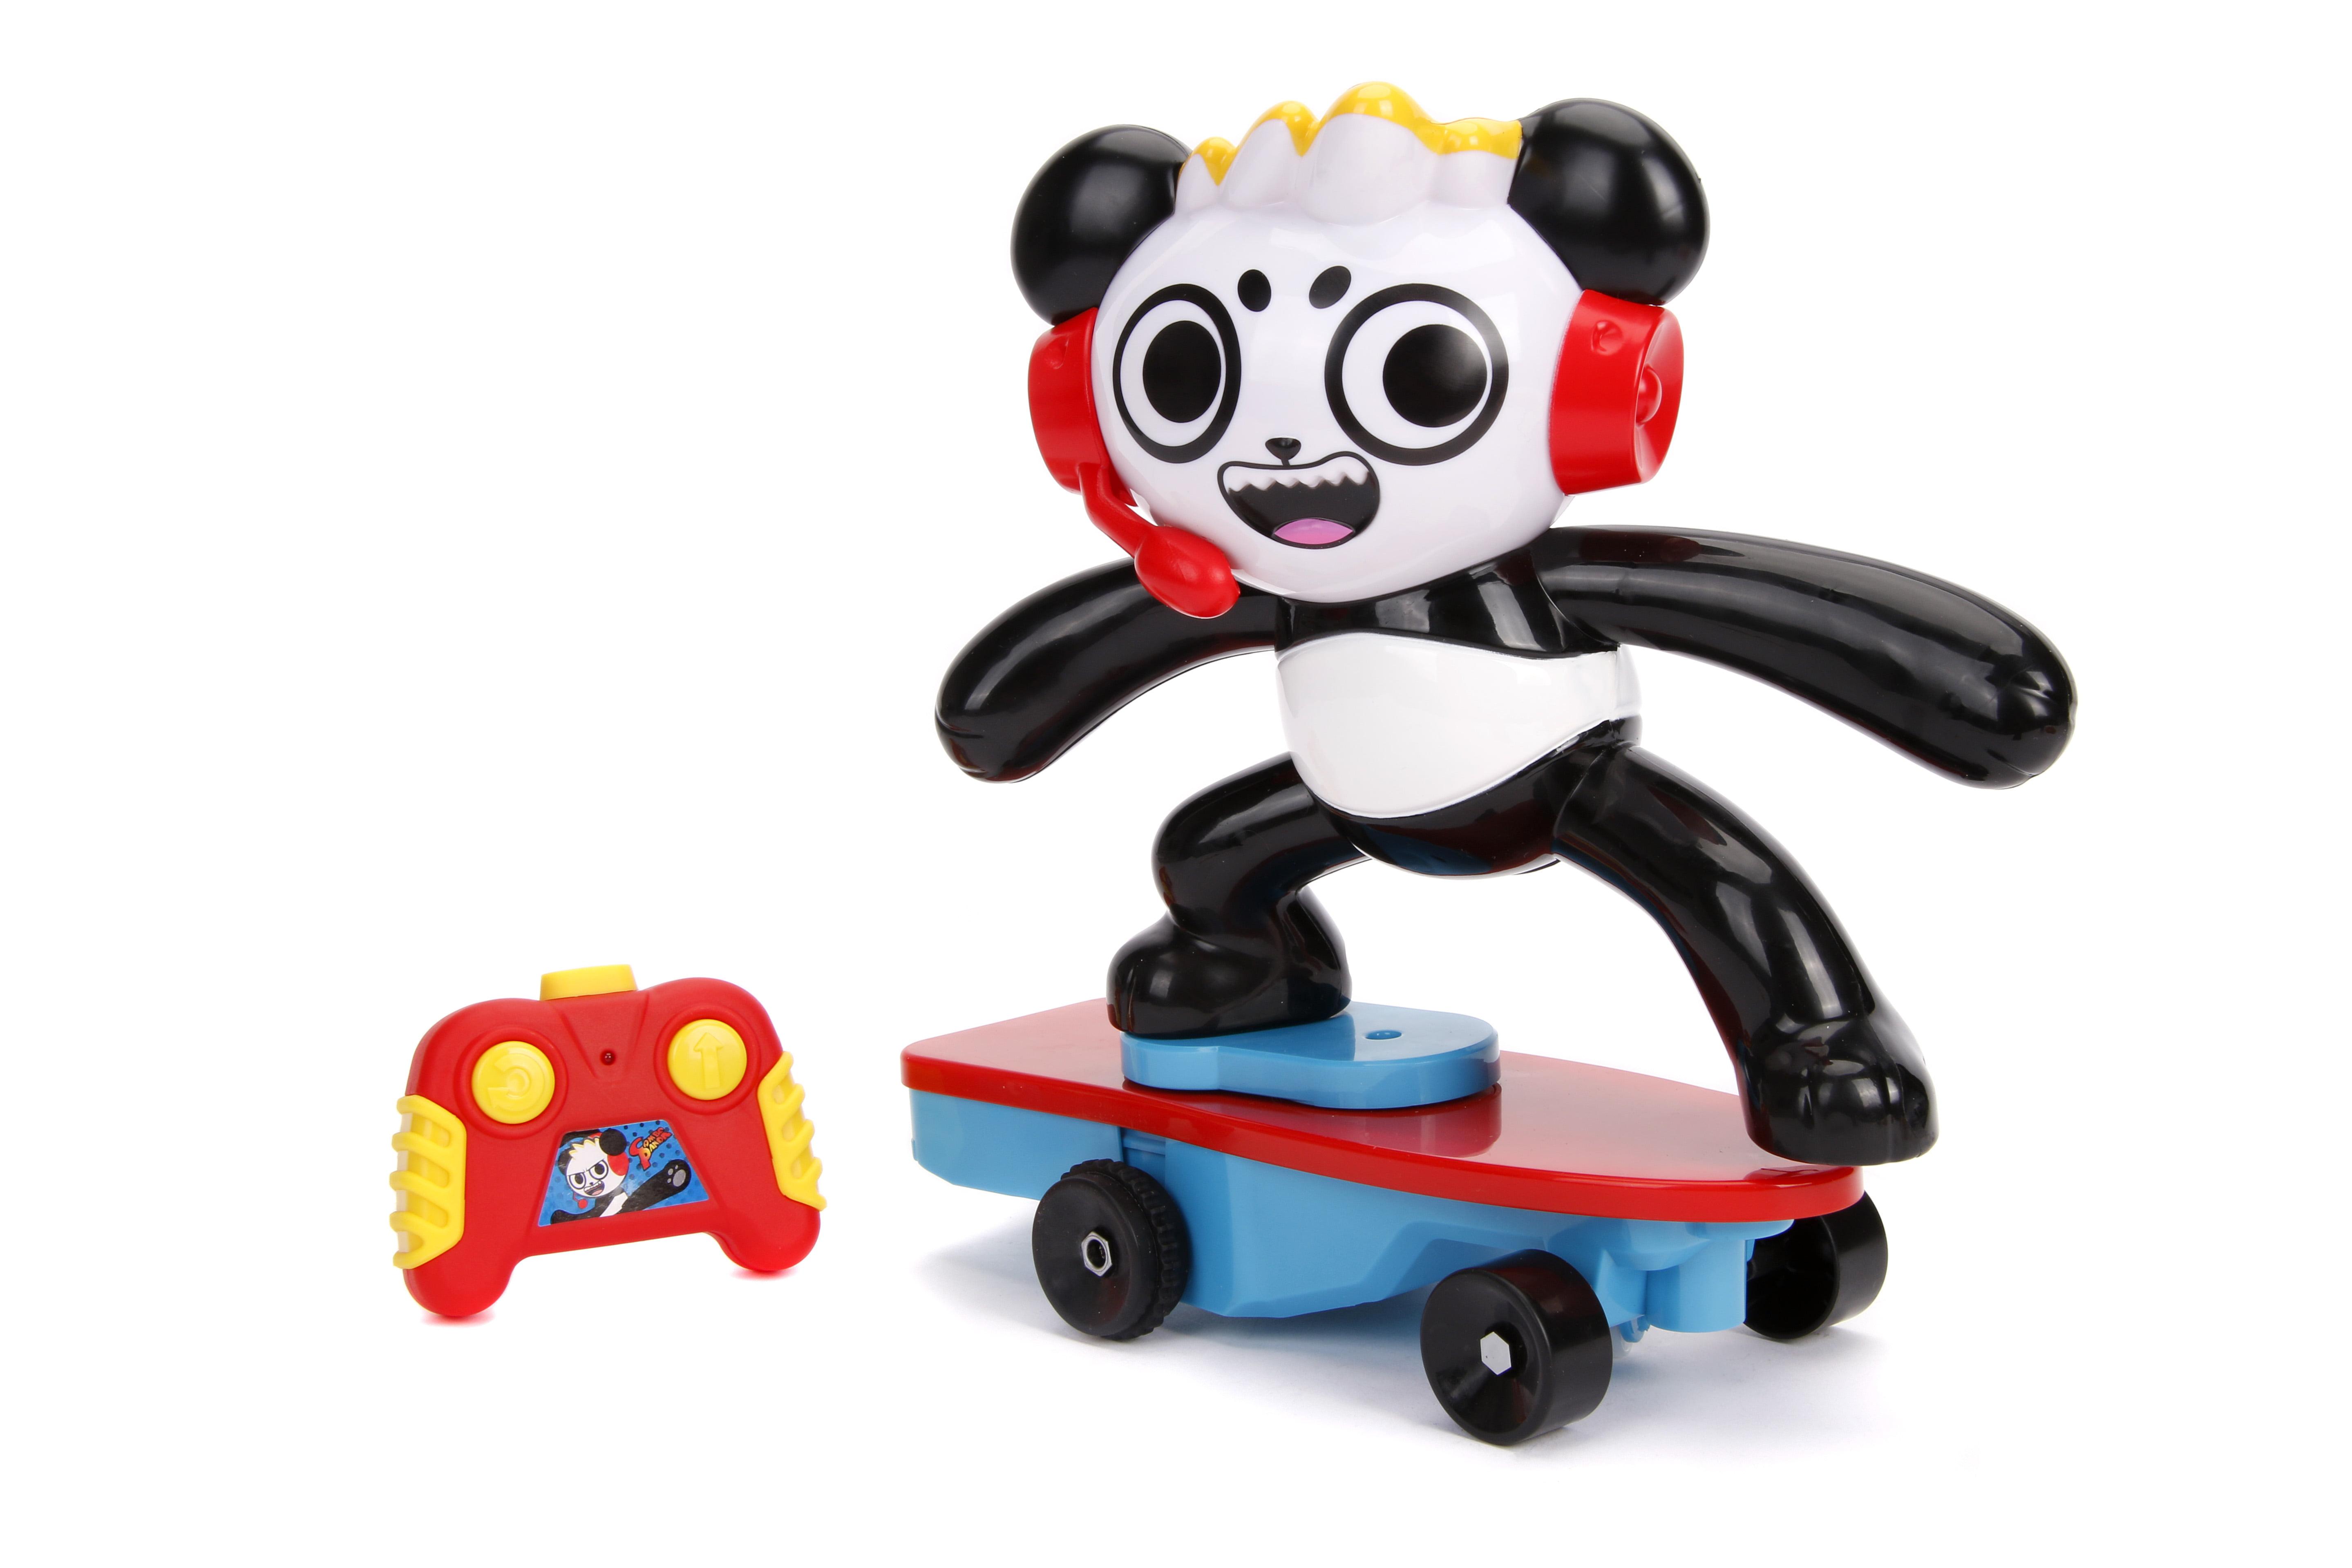 ryan s world combo panda skateboard rc walmart com walmart com walmart